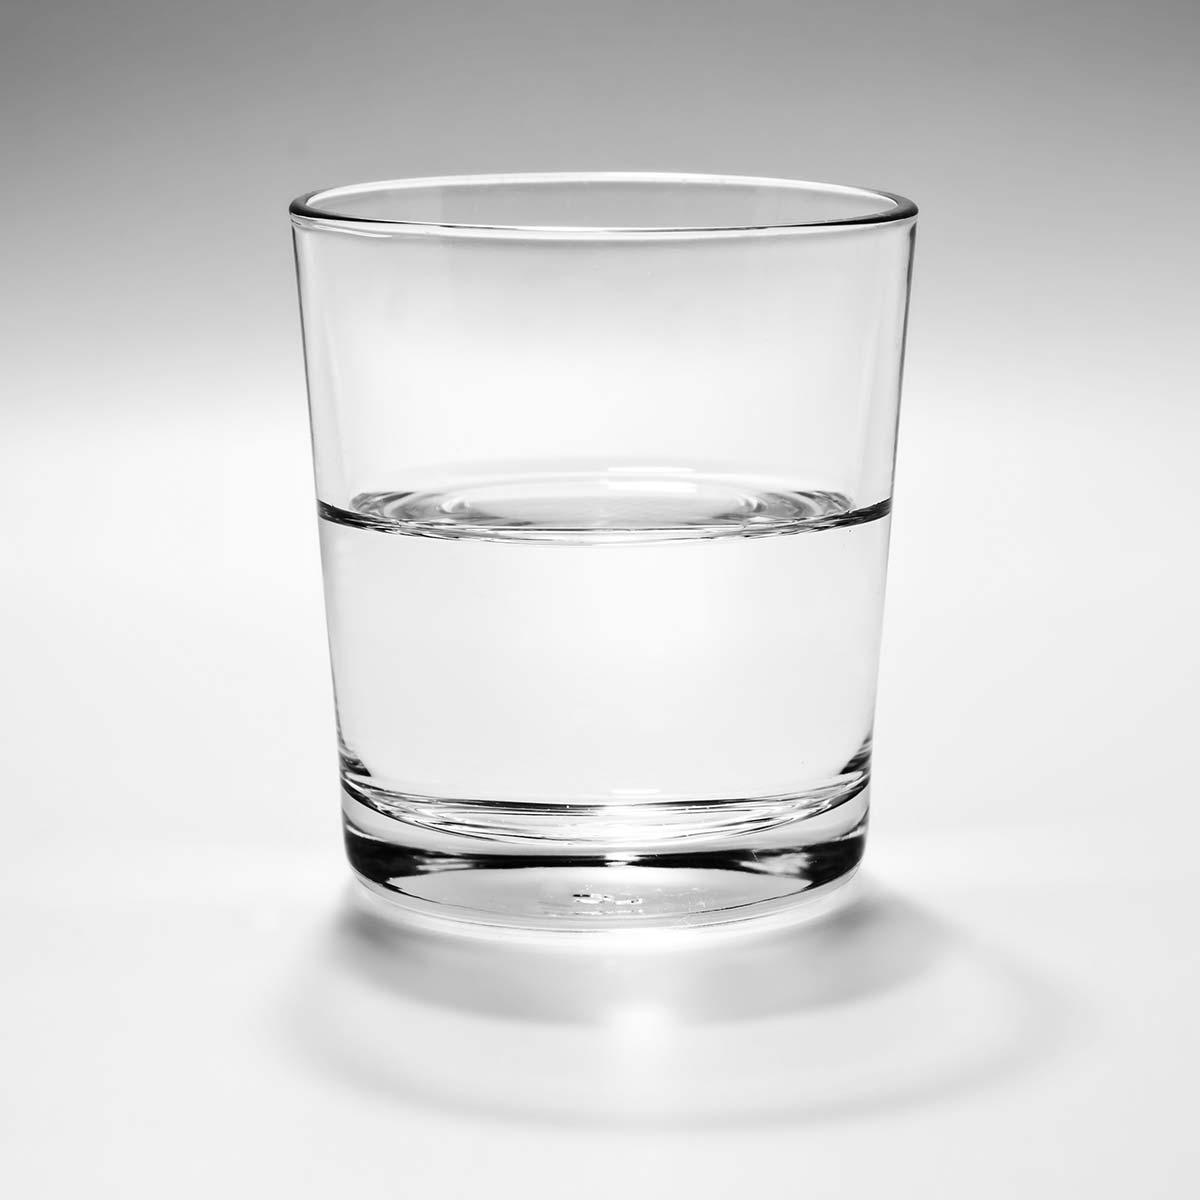 glass-half-full.jpg